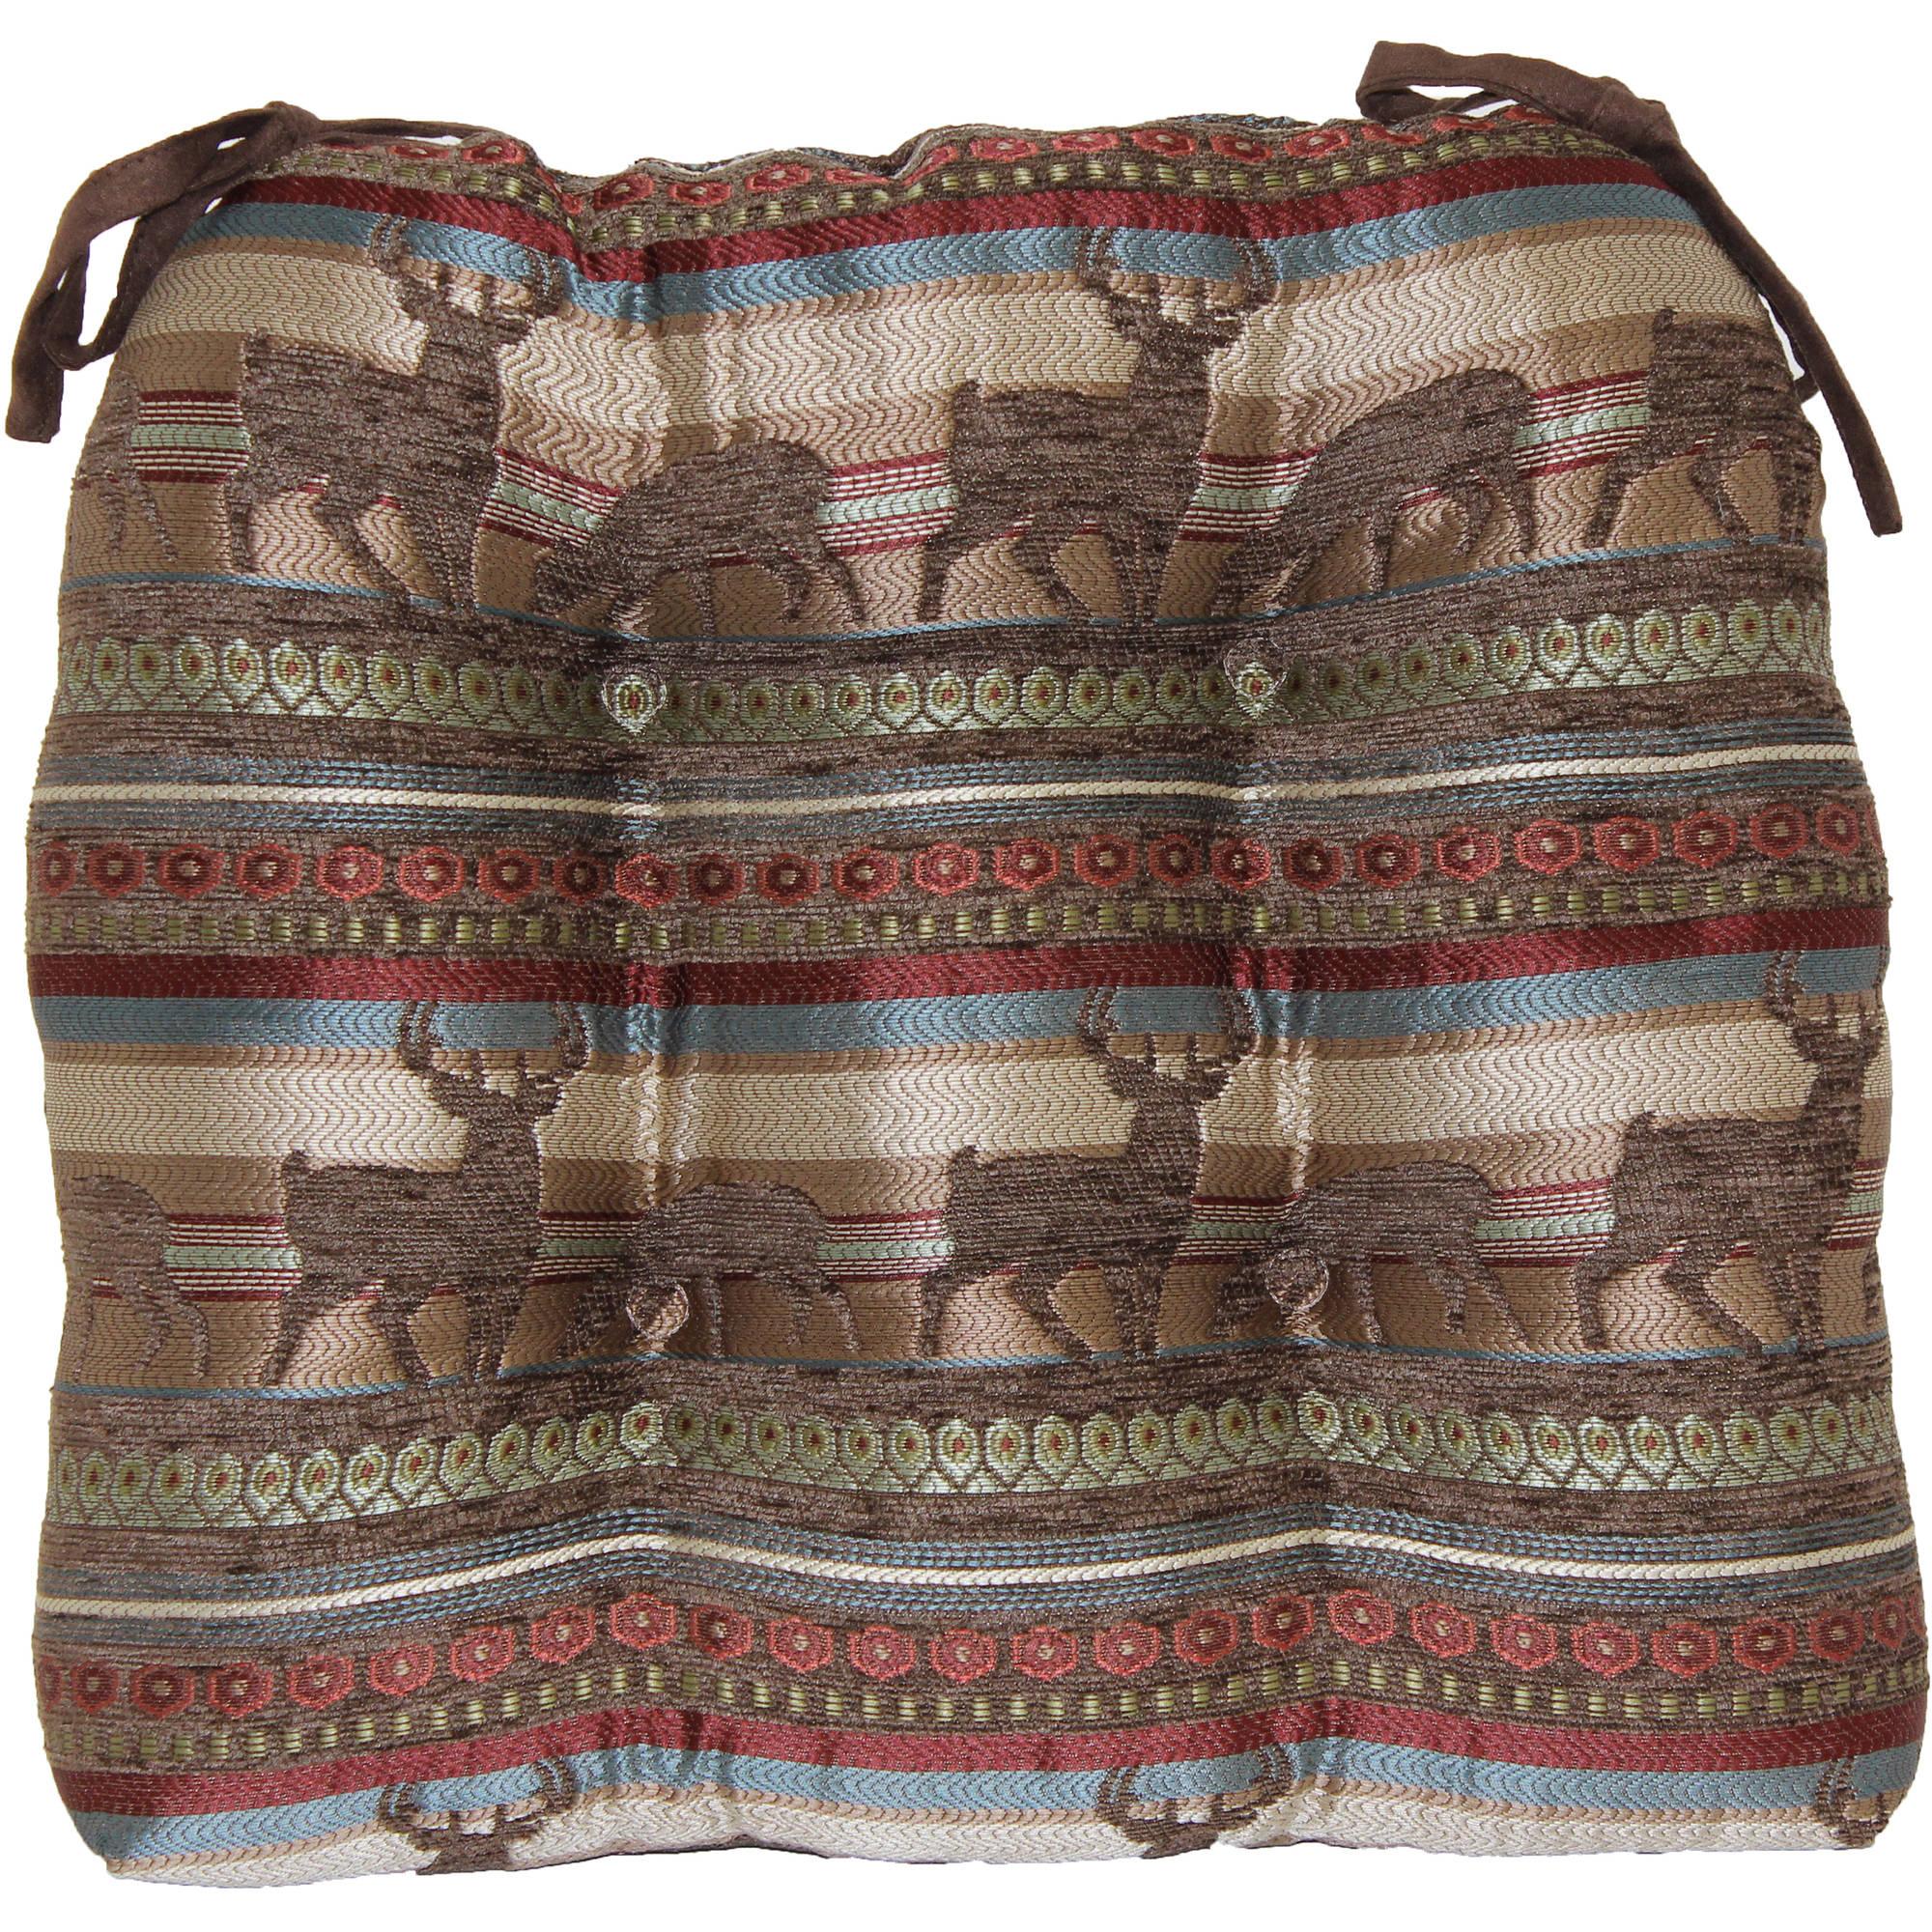 Mainstays Lodge Deer Stripe Chair Pad, Brown